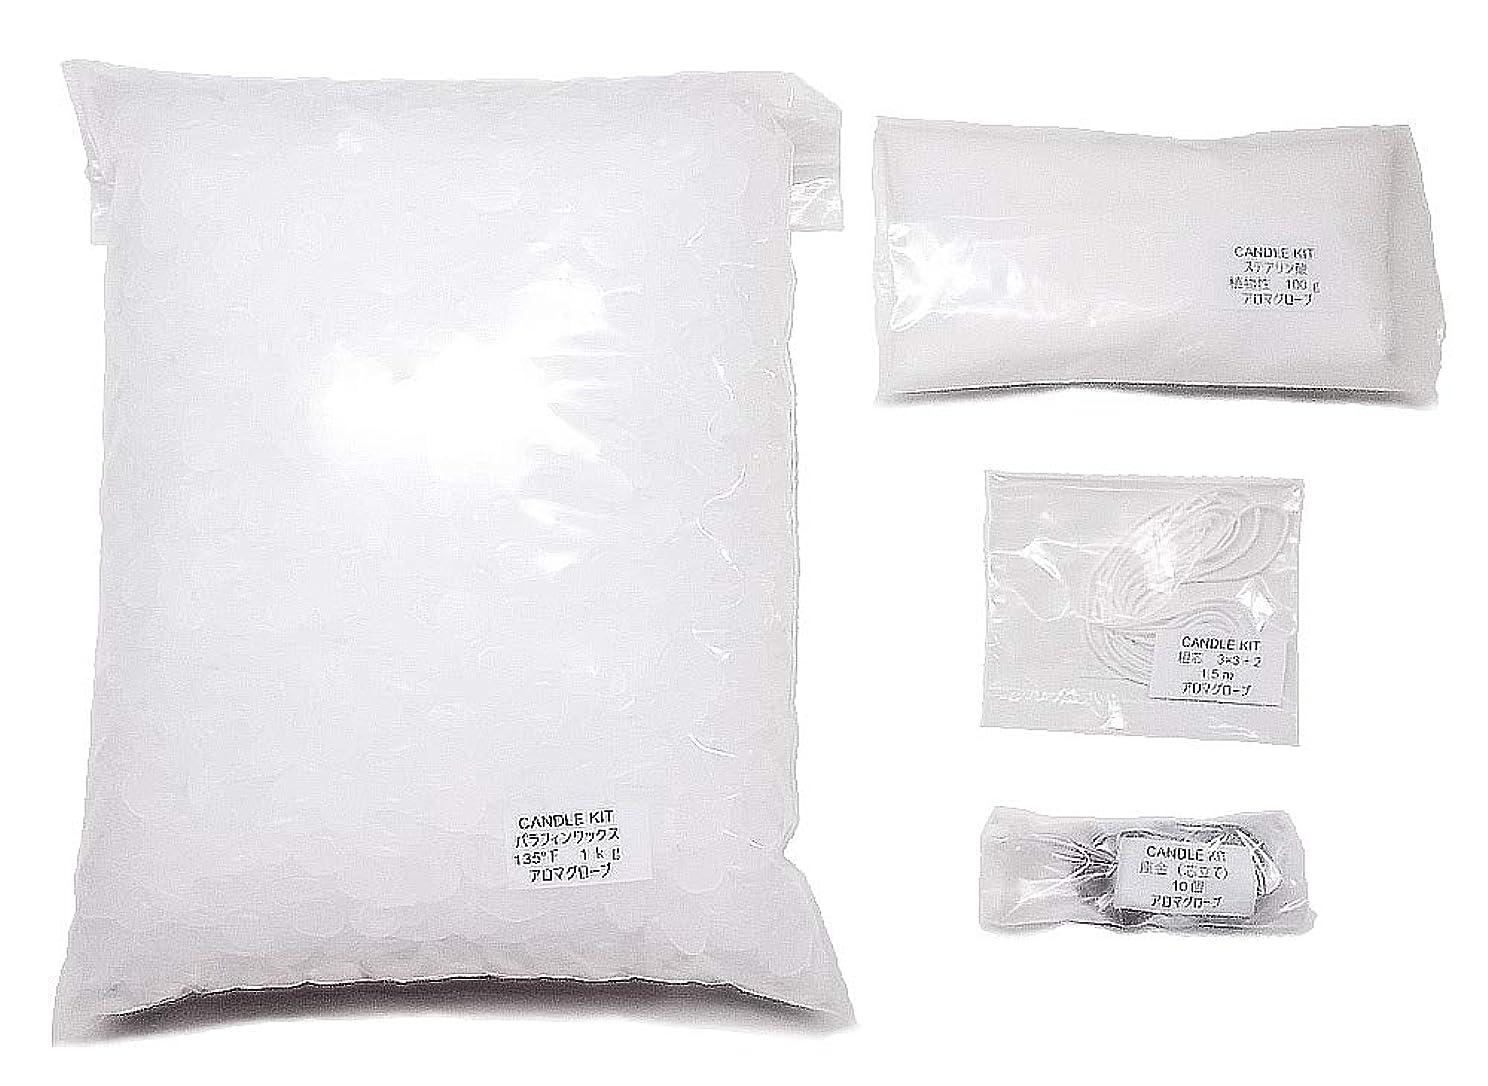 モンク裁判所政治手作りキャンドルキット材料(パラフィンワックス1kg,座金10個,芯1.5m,ステアリン酸)作り方説明書付